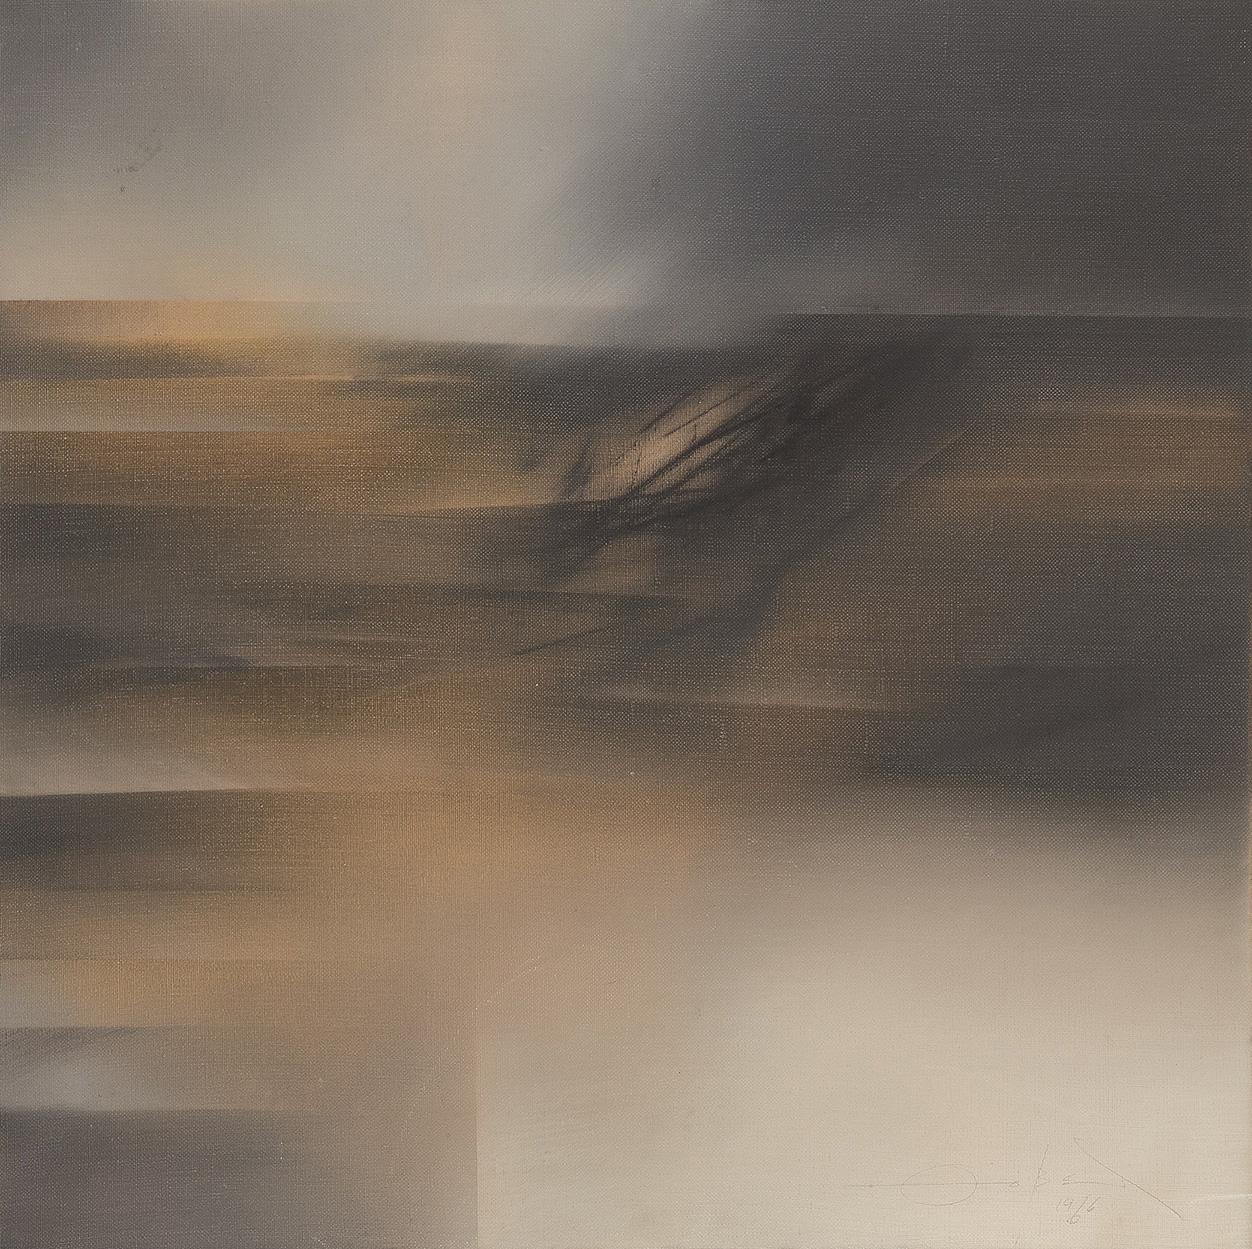 Fernando Zóbel. Transparente por la ventanilla, 1966. Salida: 36.000 euros. Remate: 75.000 euros